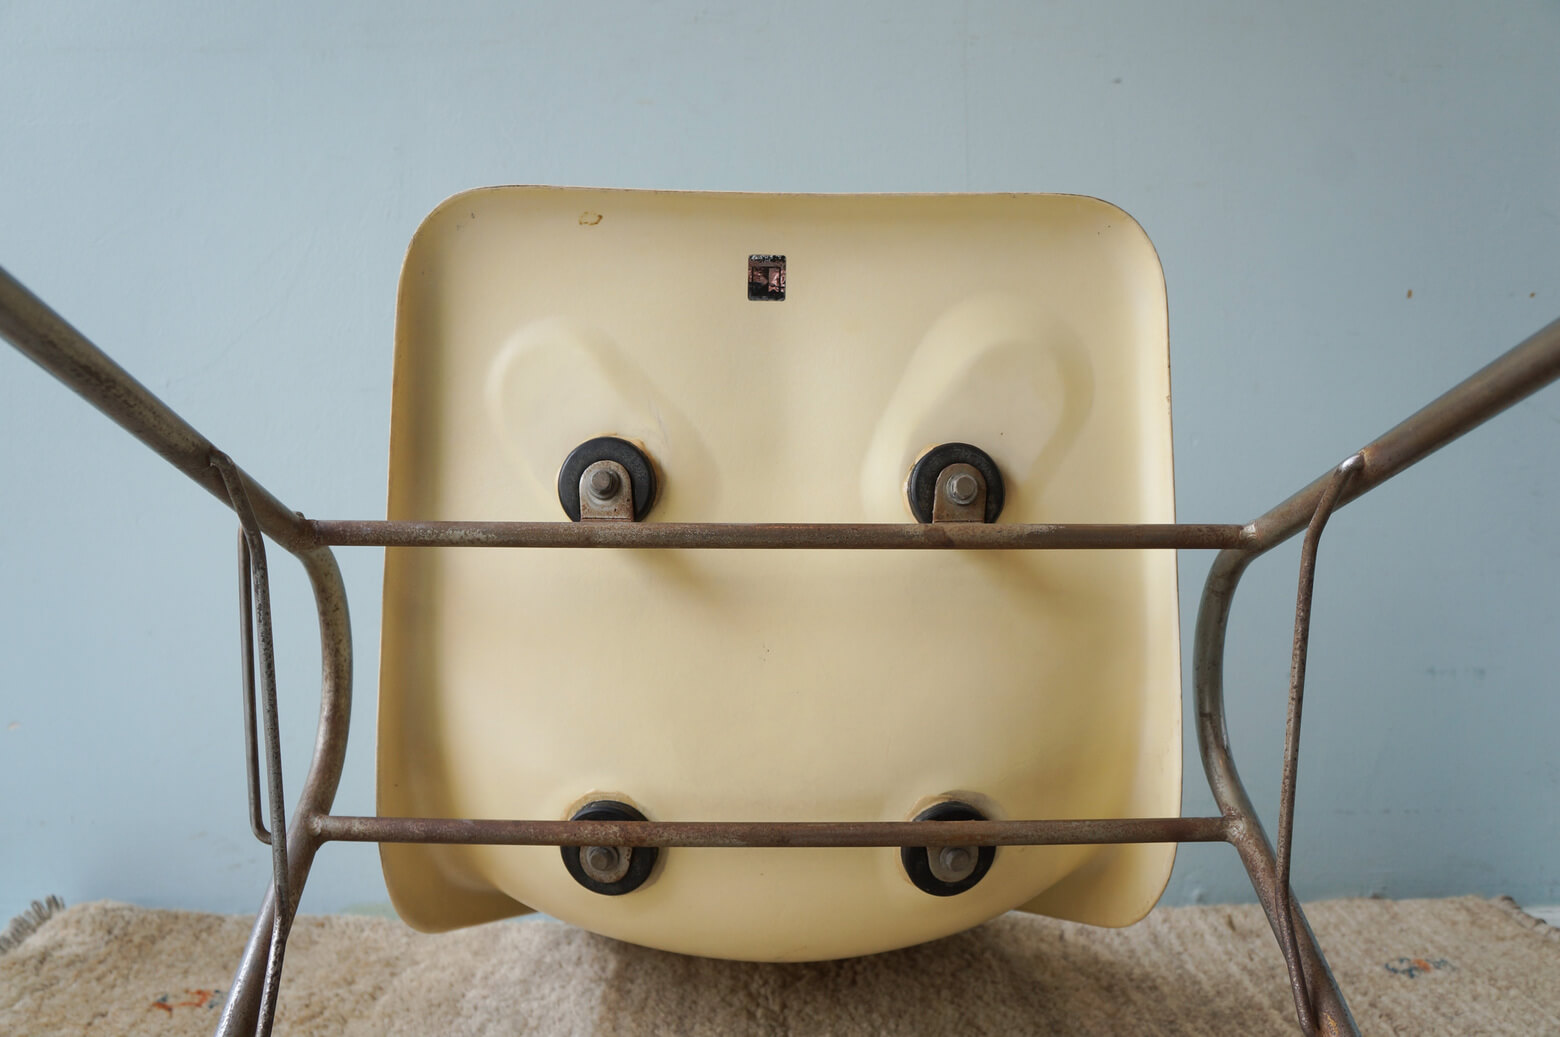 KOTOBUKI Stacking Chair FRP Ivory/コトブキ スタッキングチェア レトロ ヴィンテージ アイボリー 1